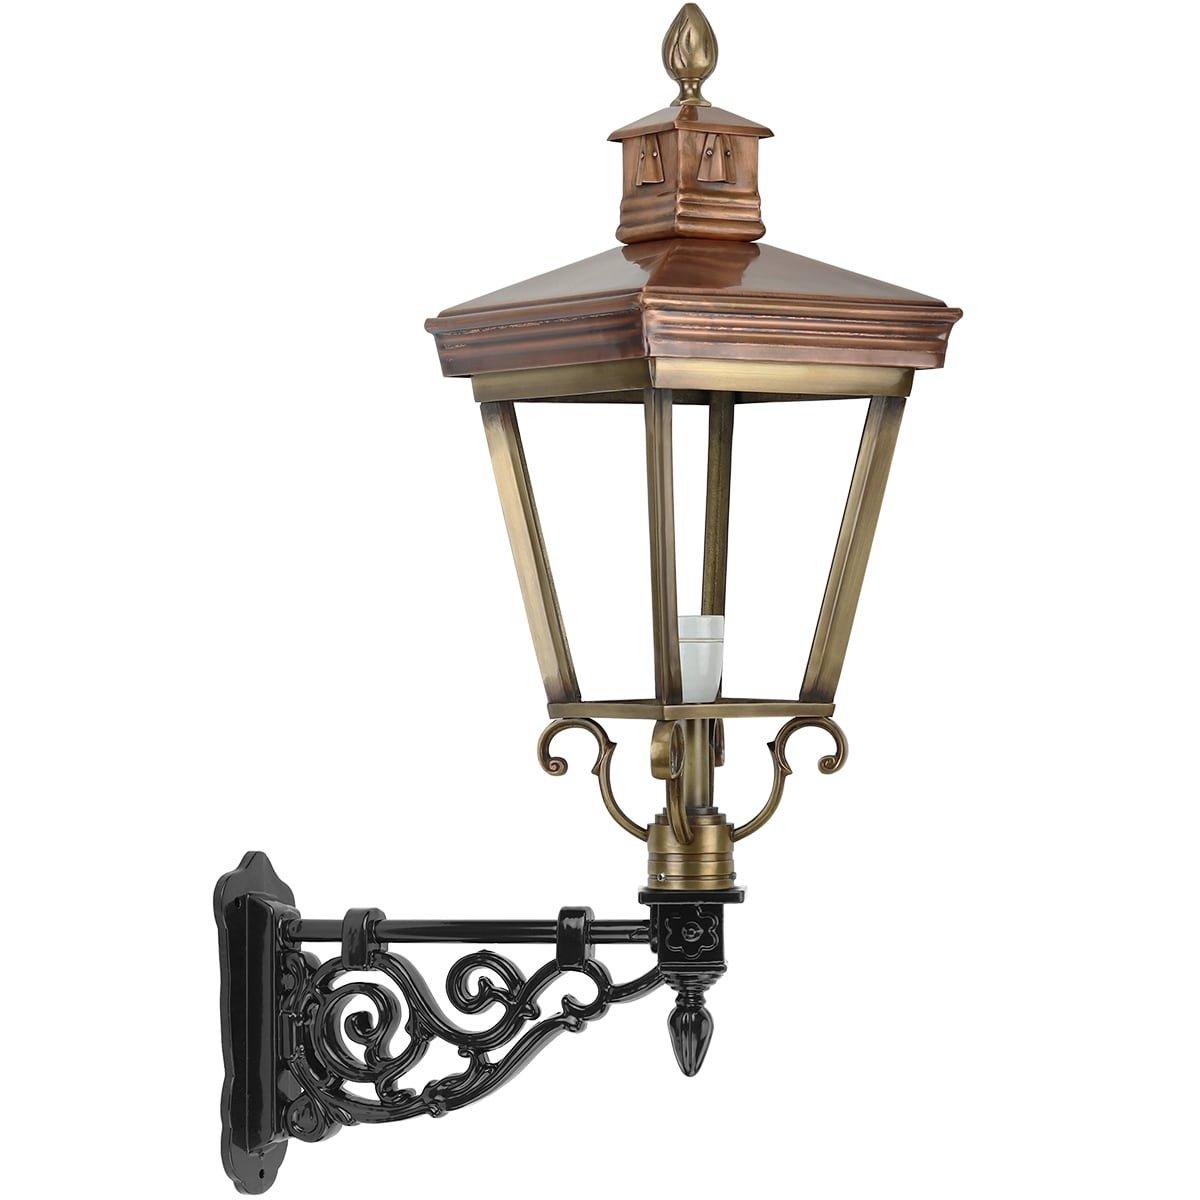 Outdoor Lighting Classic Rural Wall lamp front door Henxel bronze - 85 cm